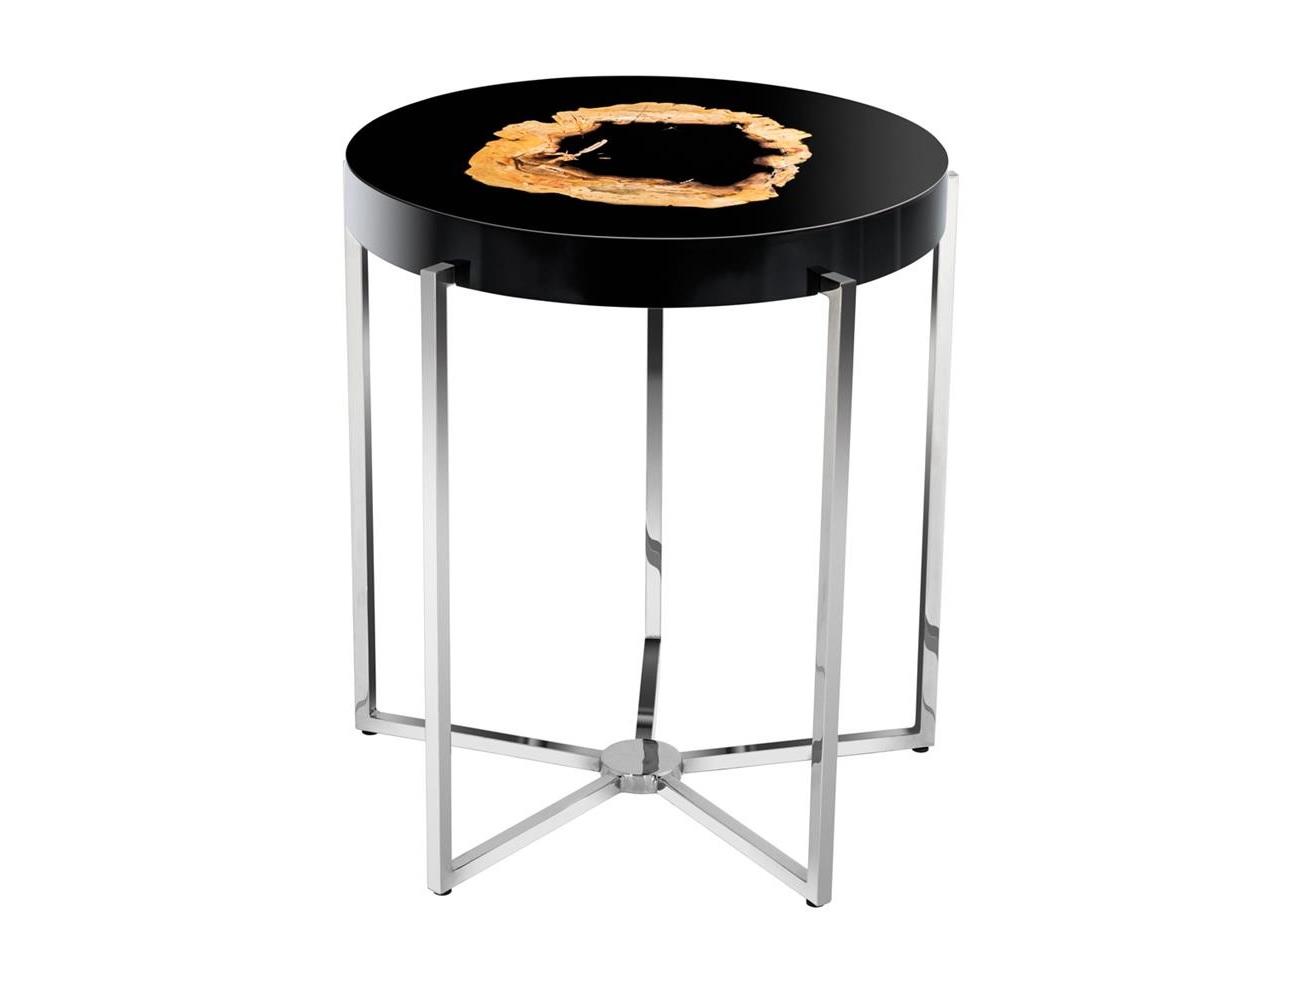 Столик PompidouПриставные столики<br>Столик на металлическом основании цвета никель. Оригинальная столешница из окаменелой породы древесины. Каждый элемент окаменевшего дерева является уникальным, вы не найдете двух одинаковых столешниц по цвету или форме. Поверхность стола черная глянцевая.<br><br>Material: Дерево<br>Высота см: 56